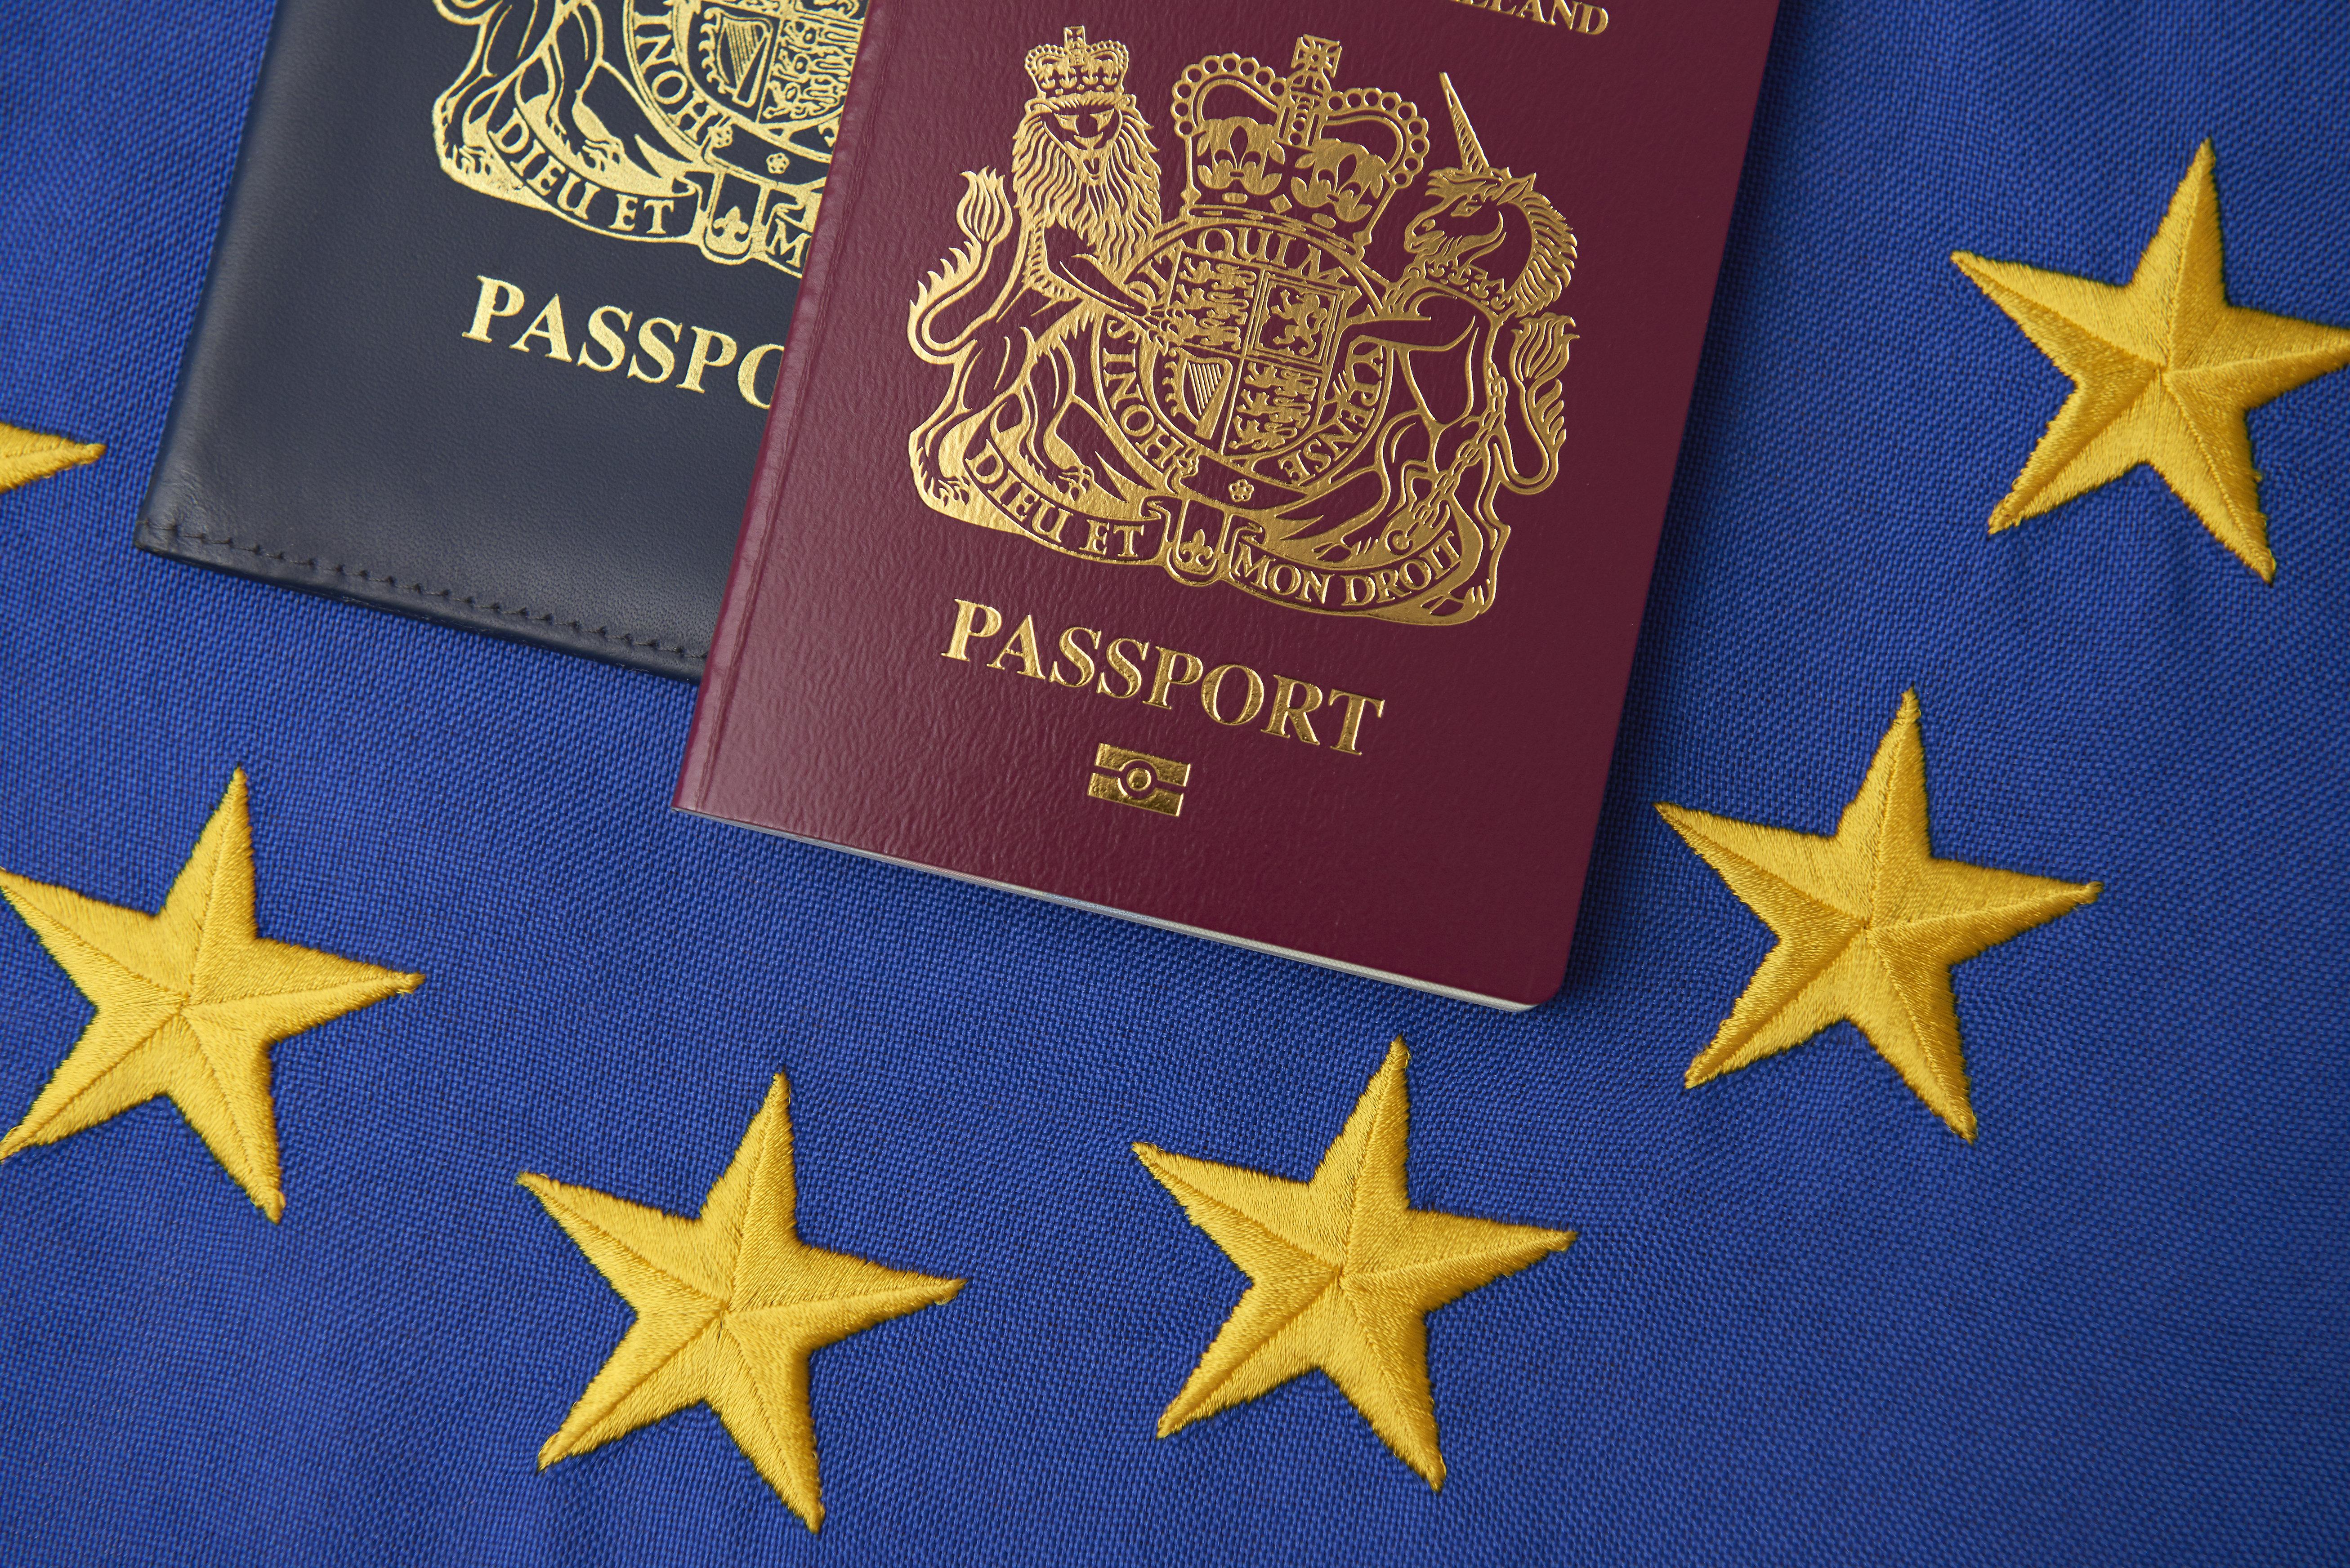 영국이 (벌써) 여권에서 '유럽연합'을